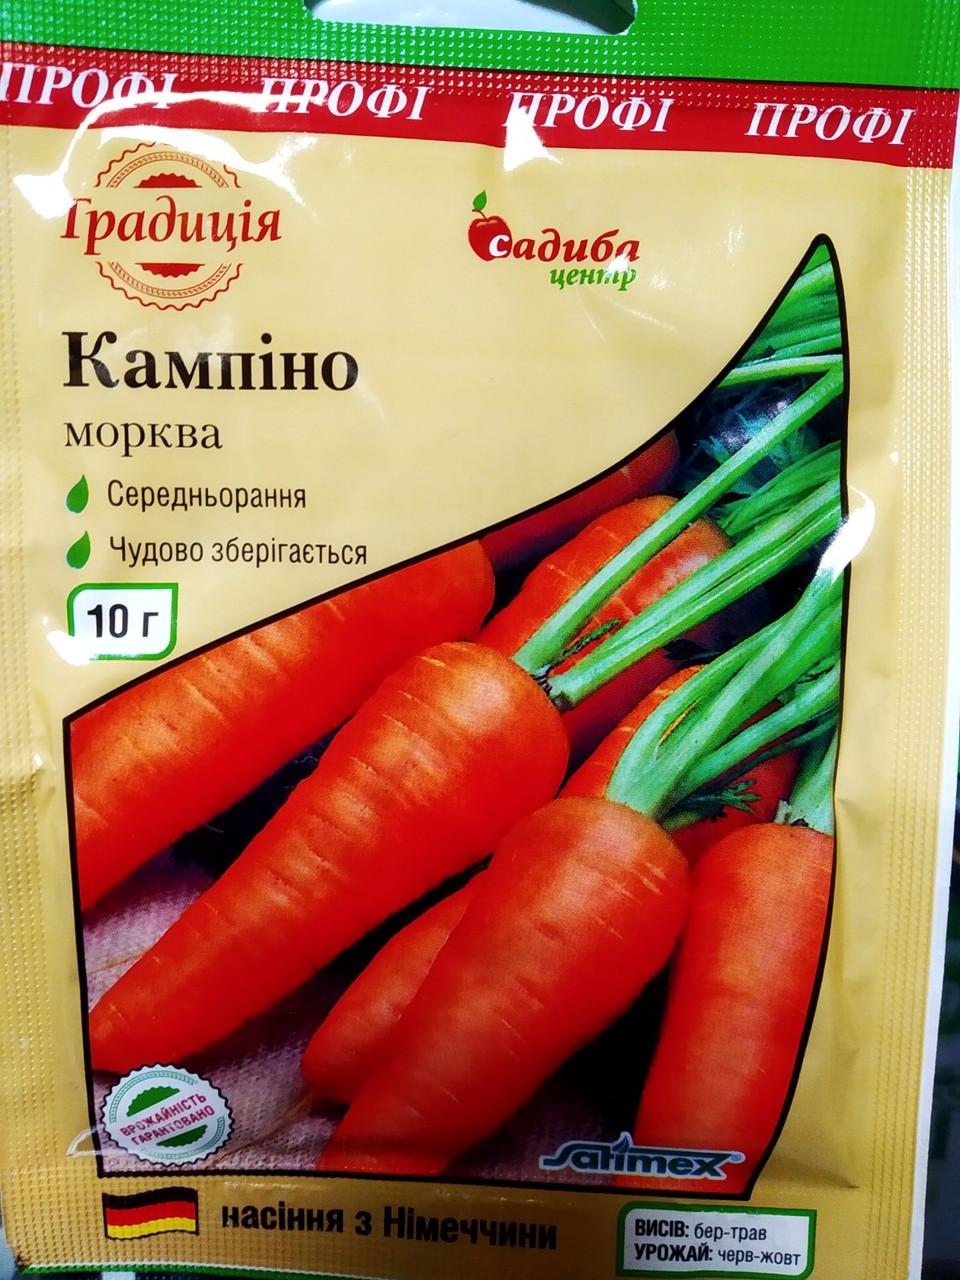 """Морковь Кампино среднеранняя, семена 10 грамм для хранения, """"Satimex"""", Германия"""